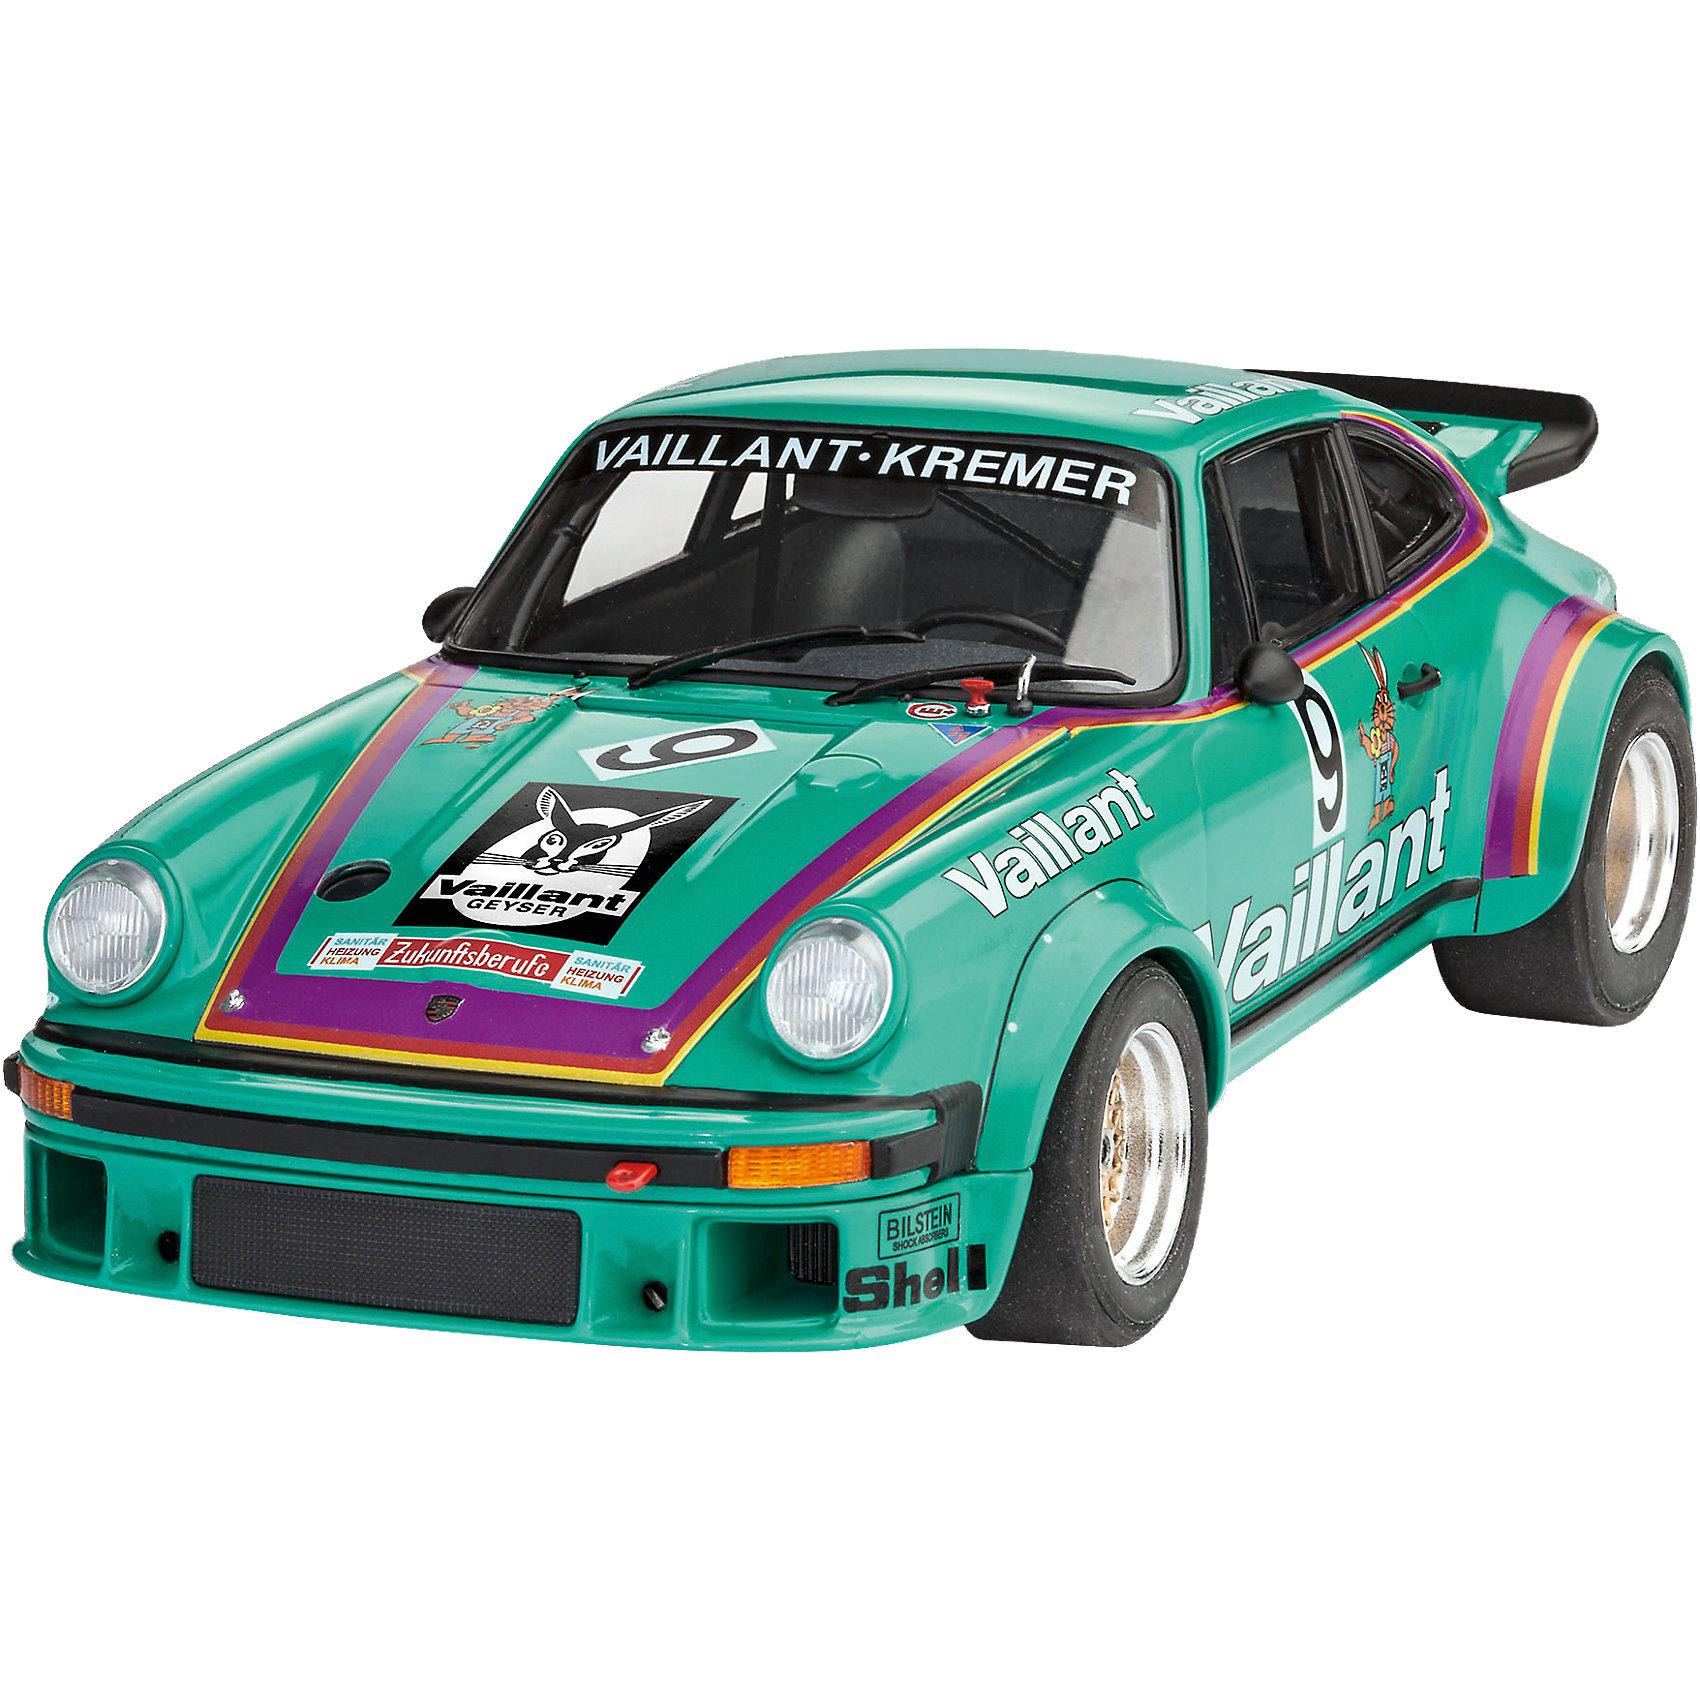 Автомобиль Porsche 934 RSR VaillantМодели для склеивания<br>Сборная модель гоночного автомобиля Porsche 934 RSR «Vaillant» в масштабе 1:24. Прототип данной модели в 1976 году участвовал в гонках Group 4 GT Class. <br>Модель машины собирается из 104 пластиковых деталей. Длина модели 17,9 сантиметров. <br>В набор помимо деталей для сборки и цветной инструкции включена декаль (Переводные картинки). Она несет на себе все необходимый для покраски машины элементы. Среди них номера, логотипы спонсоров и другая символика. <br>Клей и краски в комплект не входят.  <br>Сборная модель рекомендуется для детей от 10 лет.<br><br>Ширина мм: 356<br>Глубина мм: 215<br>Высота мм: 71<br>Вес г: 397<br>Возраст от месяцев: 120<br>Возраст до месяцев: 168<br>Пол: Мужской<br>Возраст: Детский<br>SKU: 5518800